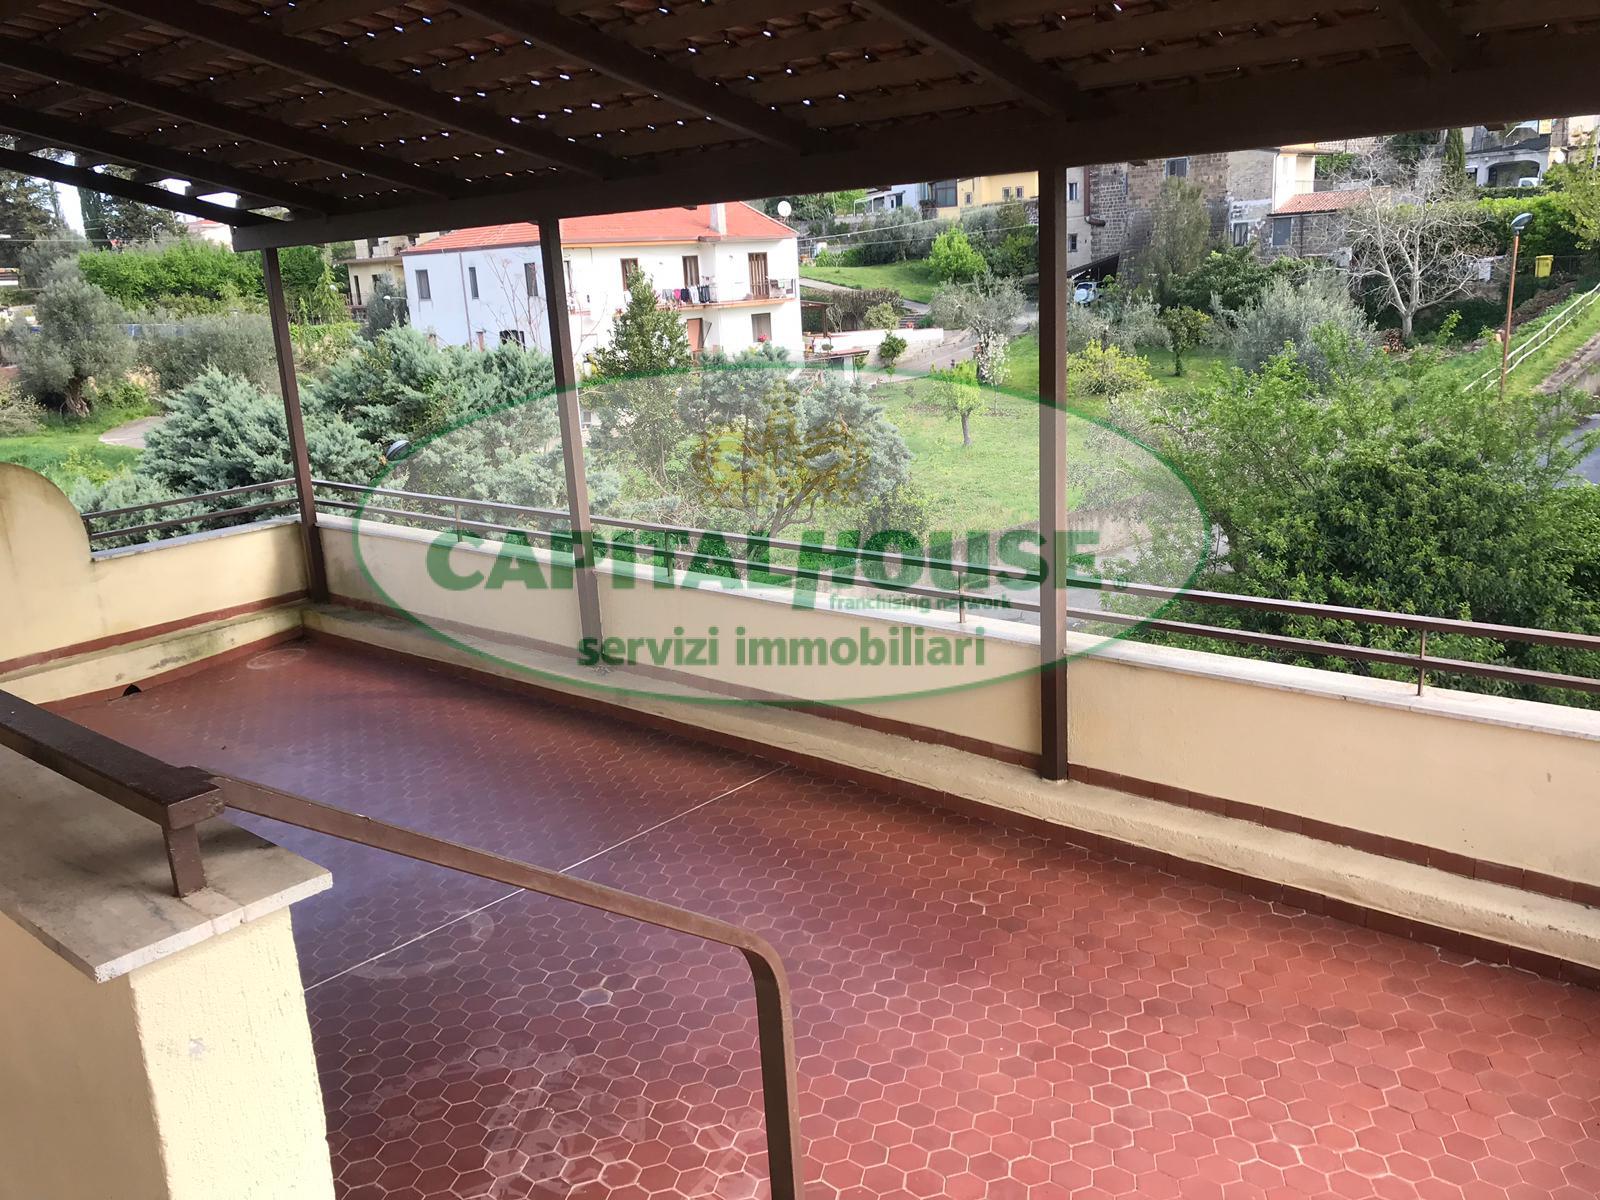 APPARTAMENTO in Affitto a Vaccheria, Caserta (CASERTA)